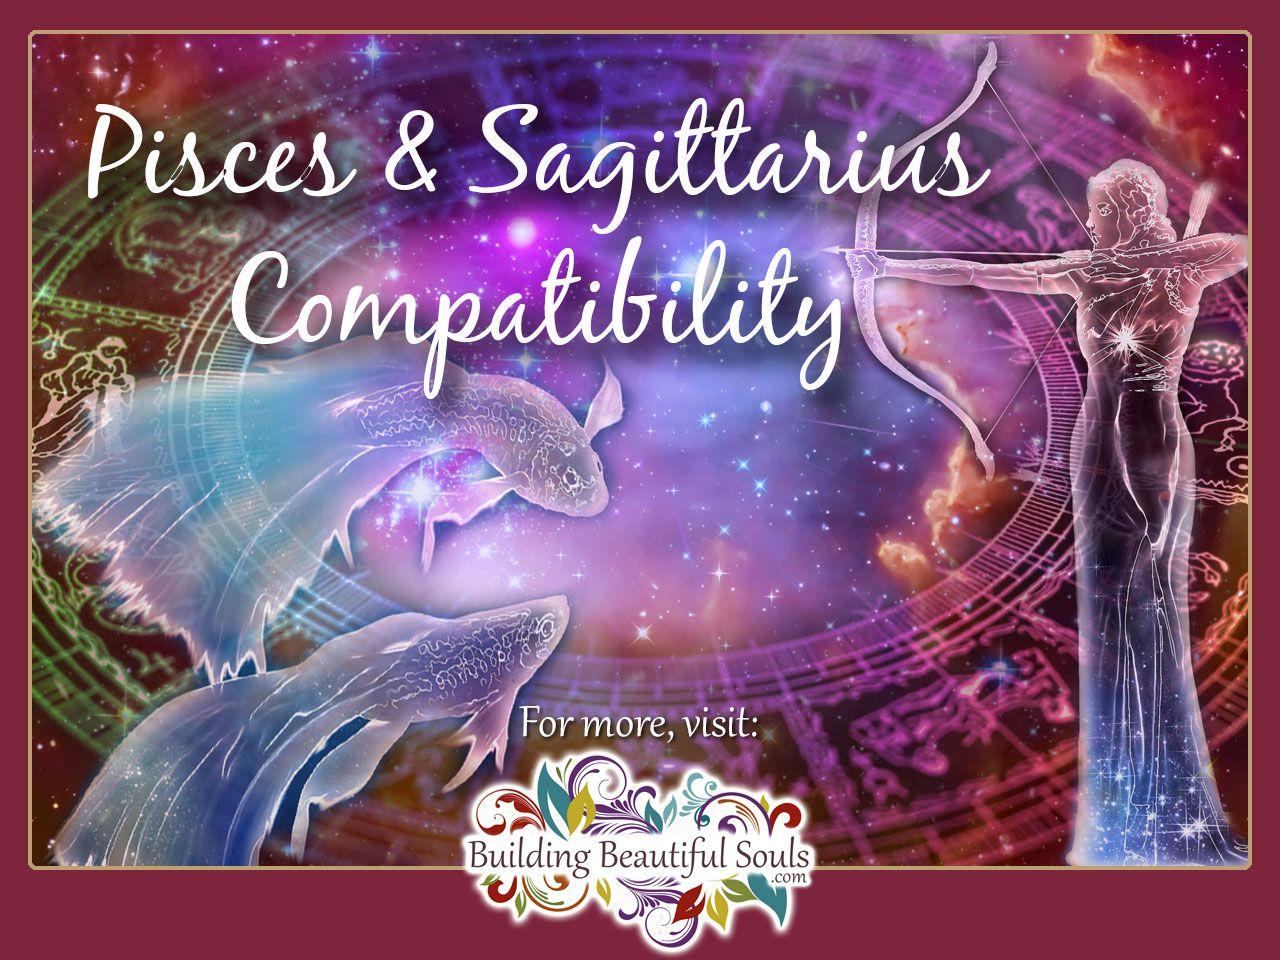 Pisces and Sagittarius 1280x960